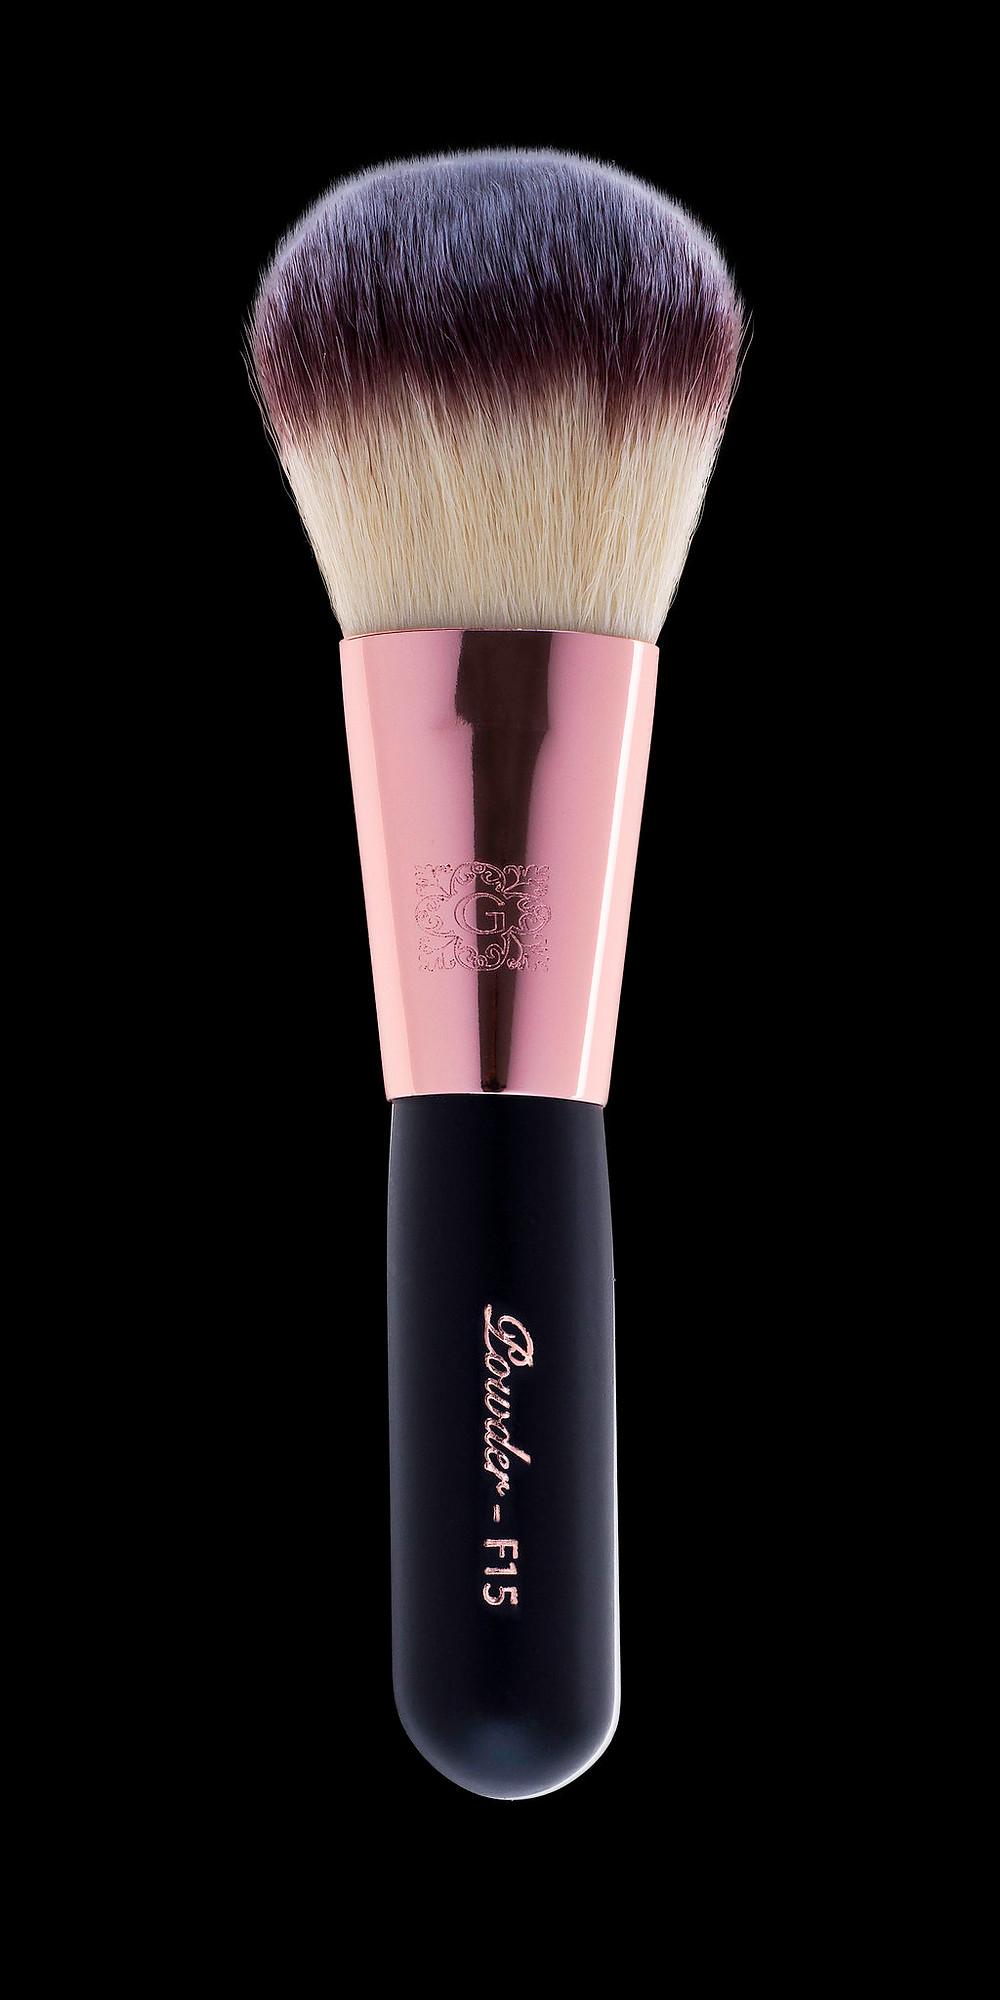 Glamx F15 Powder Brush - $13.95